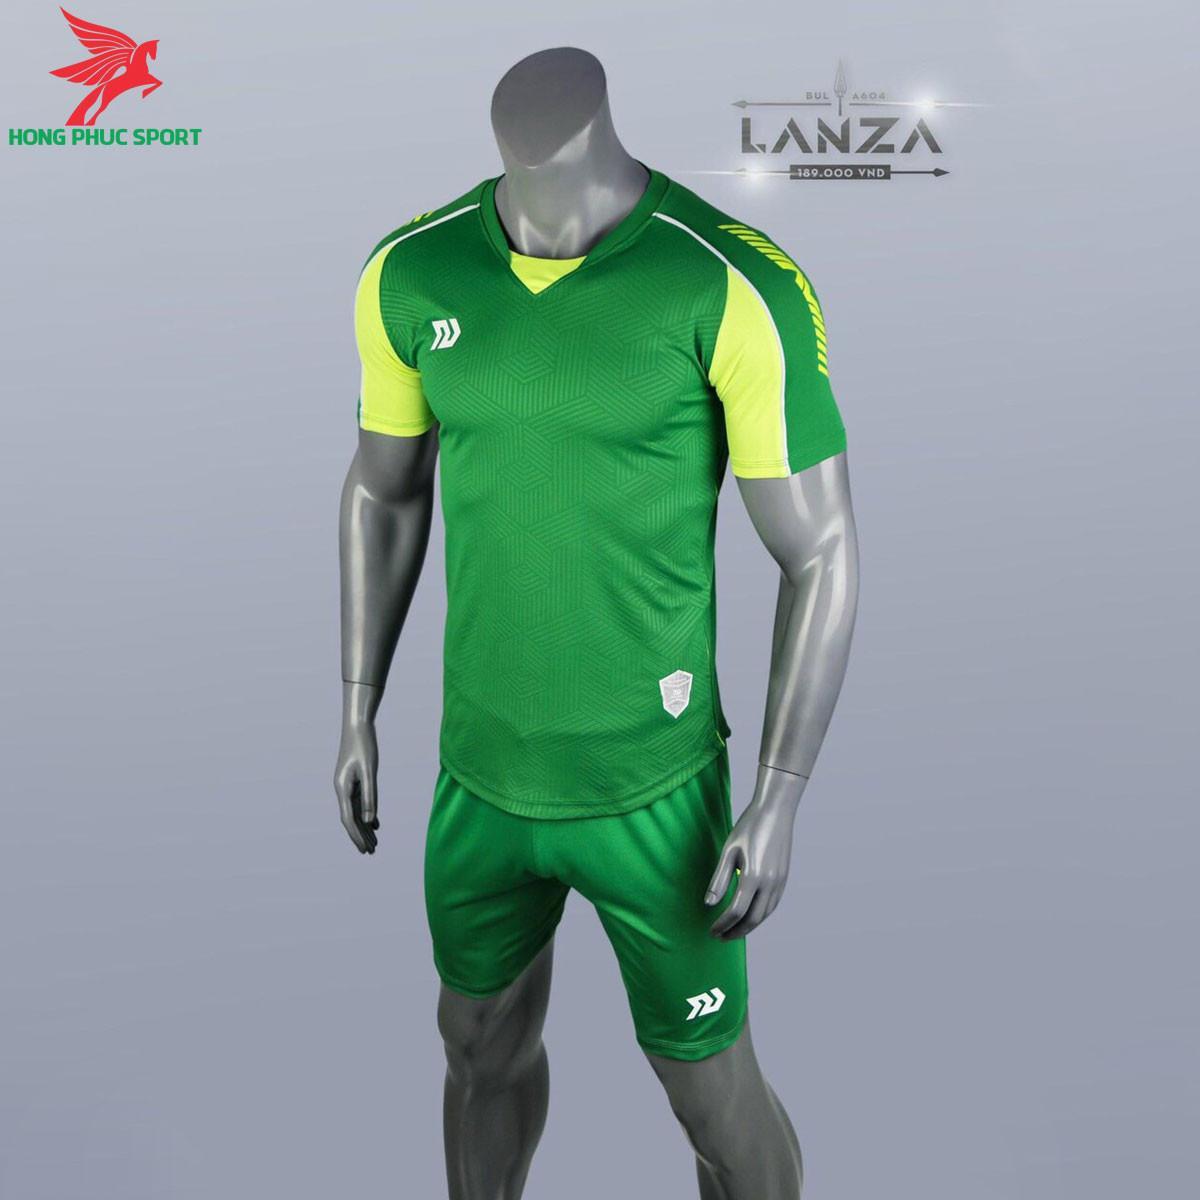 Áo đá banh không logo Bulbal Lanza 2021 màu Xanh chuối